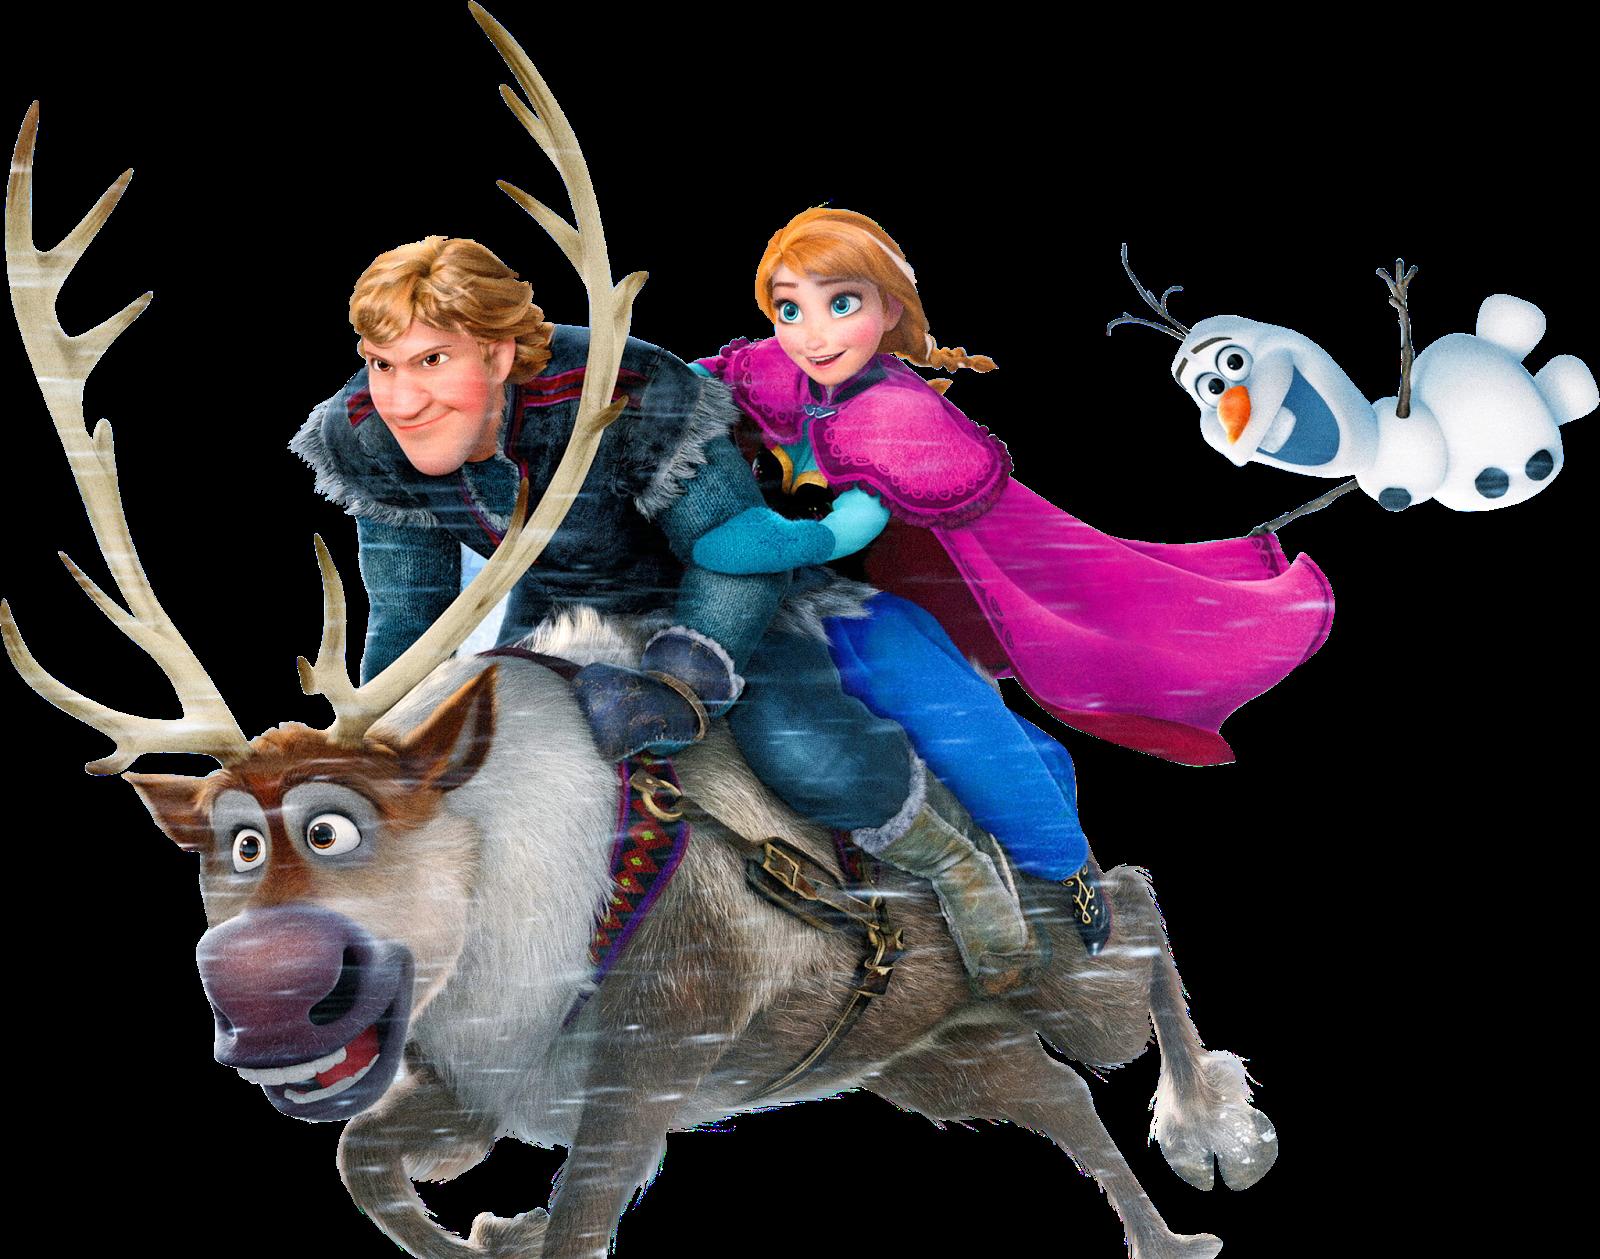 Frozen Clipart Png image #422